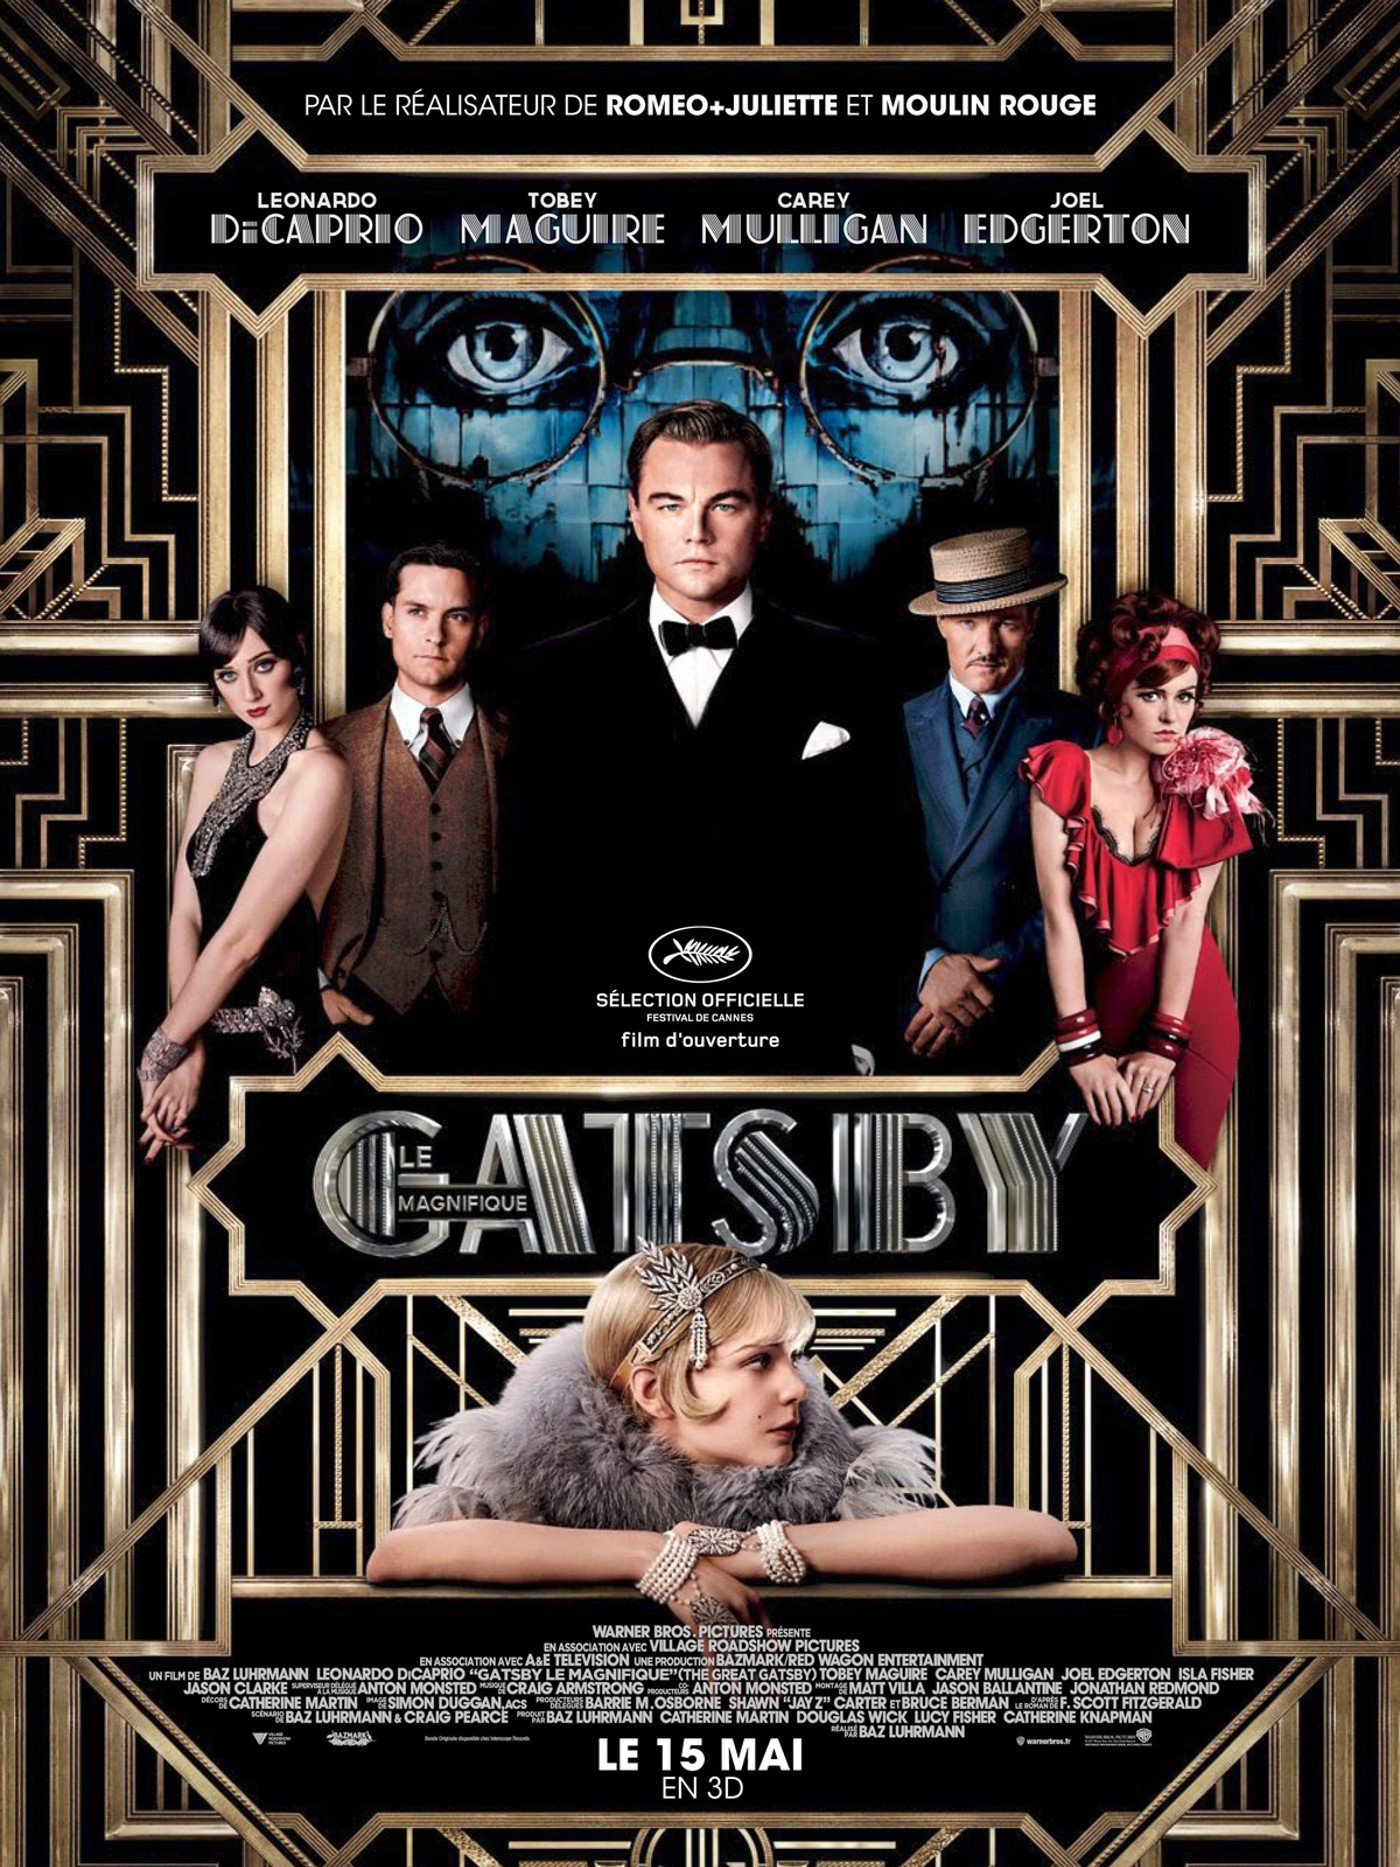 affiche du film Gatsby le magnifique (2013)